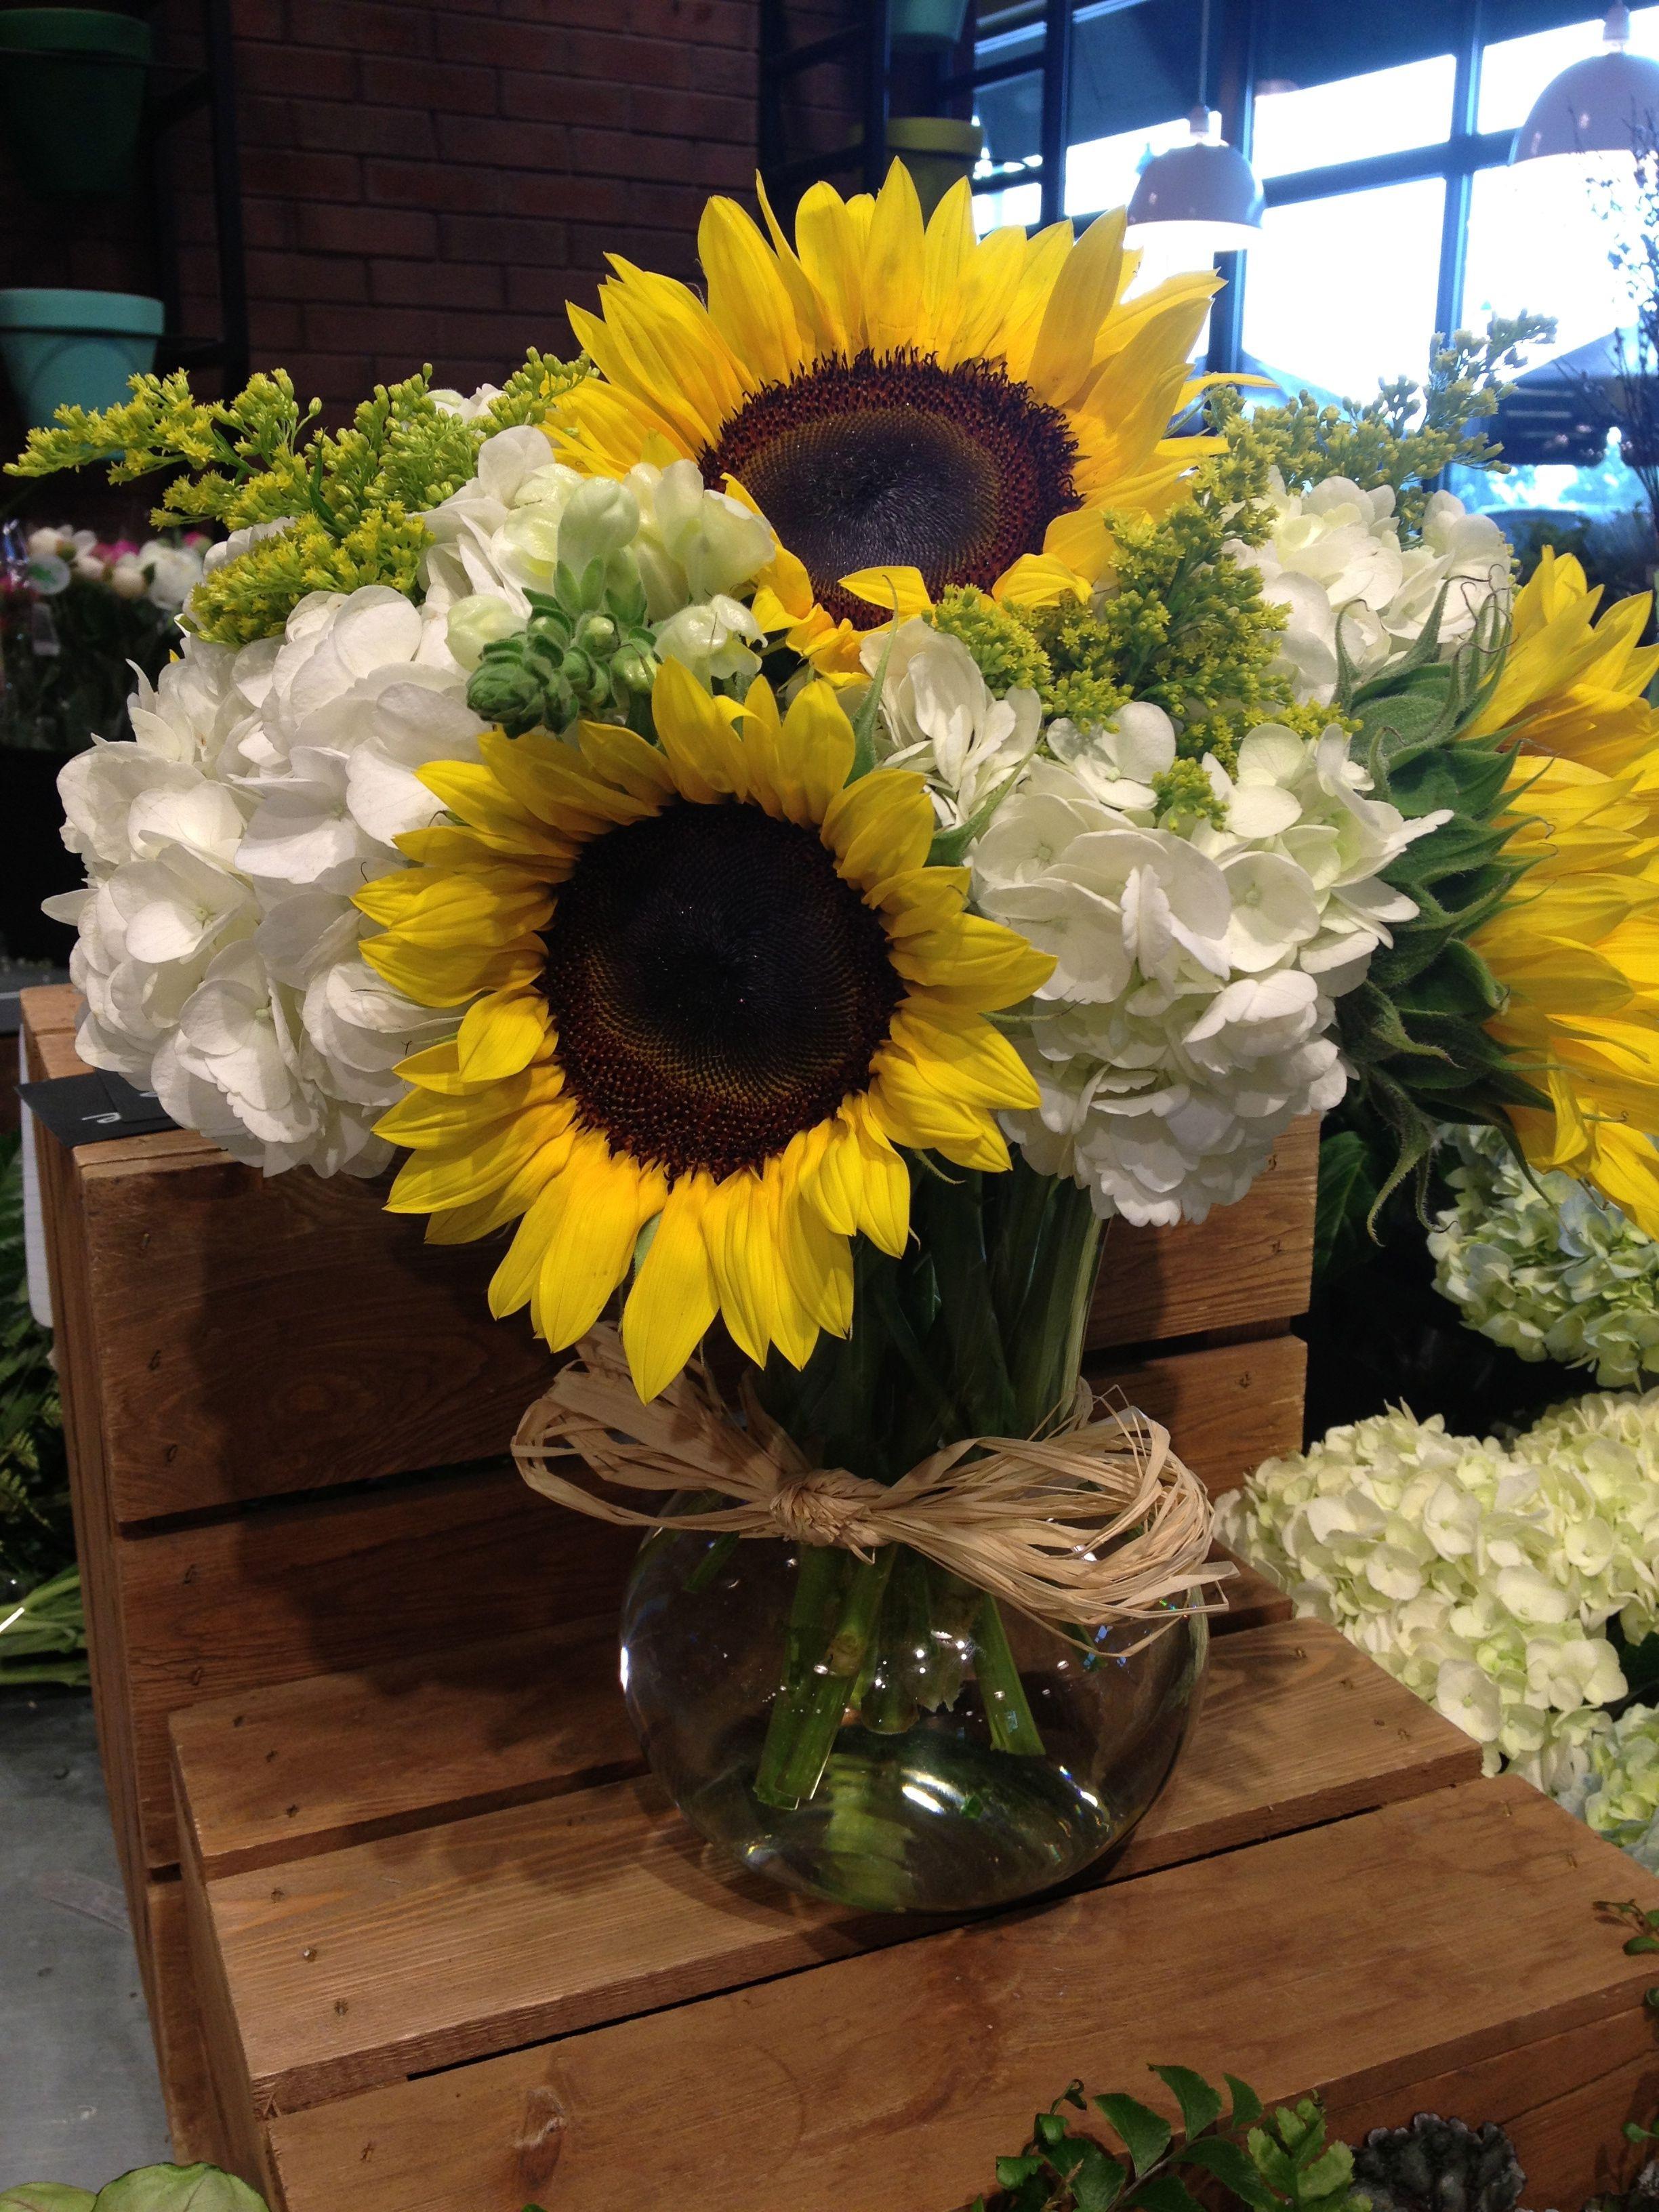 Flower Bouquet Gif Inspirational Sunflower and Hydrangea Flower Arrangement Beautiful